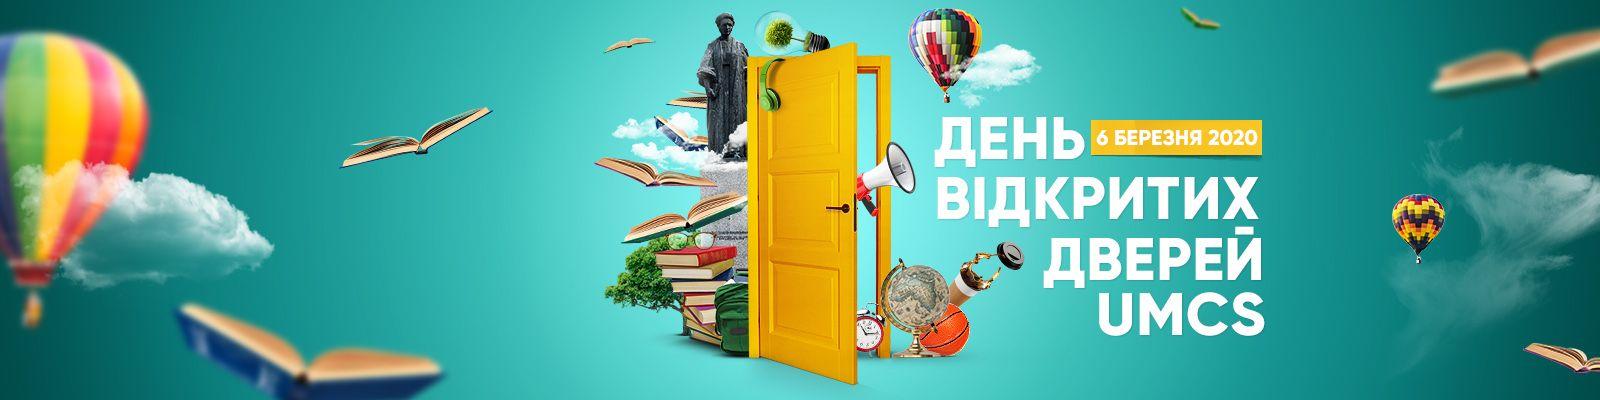 """День """"Відкритих дверей"""" UMCS 2020"""